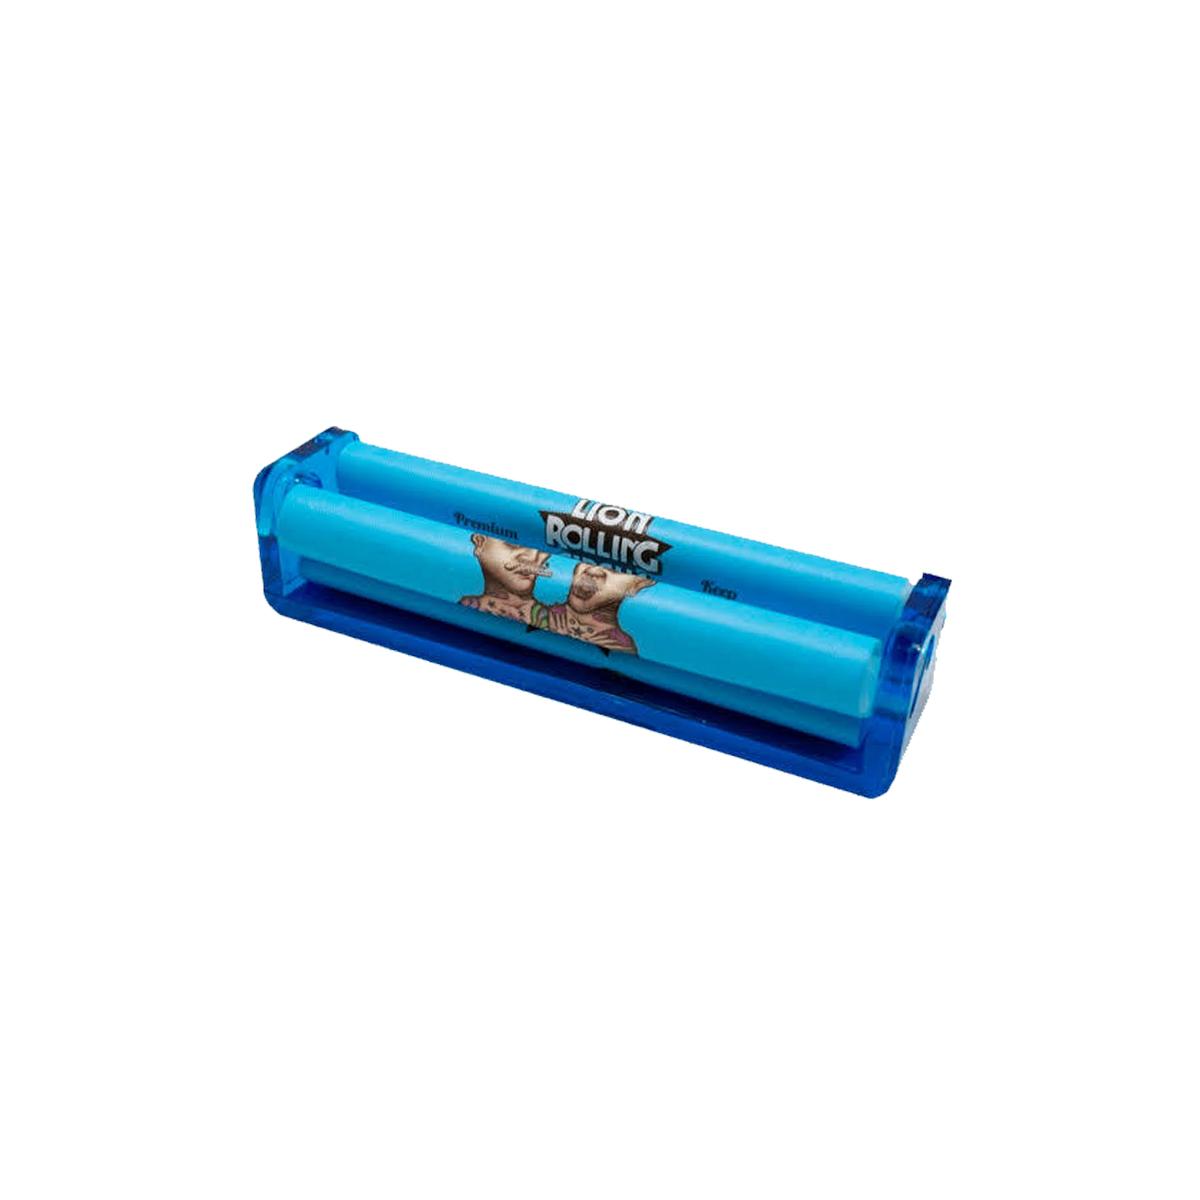 Bolador Automático Lion Rolling Circus King Size Azul